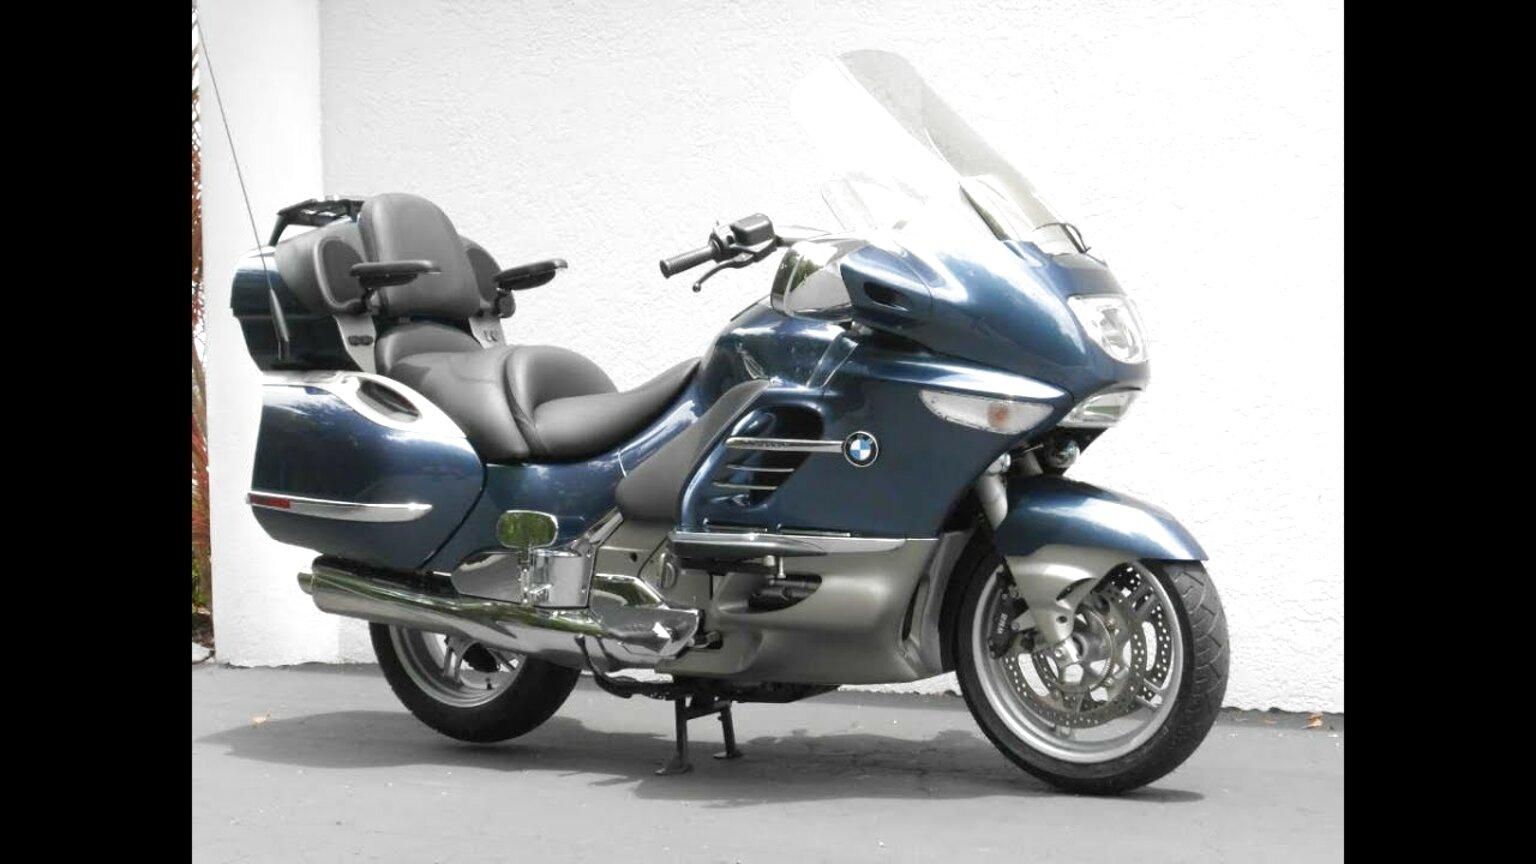 k1200lt for sale